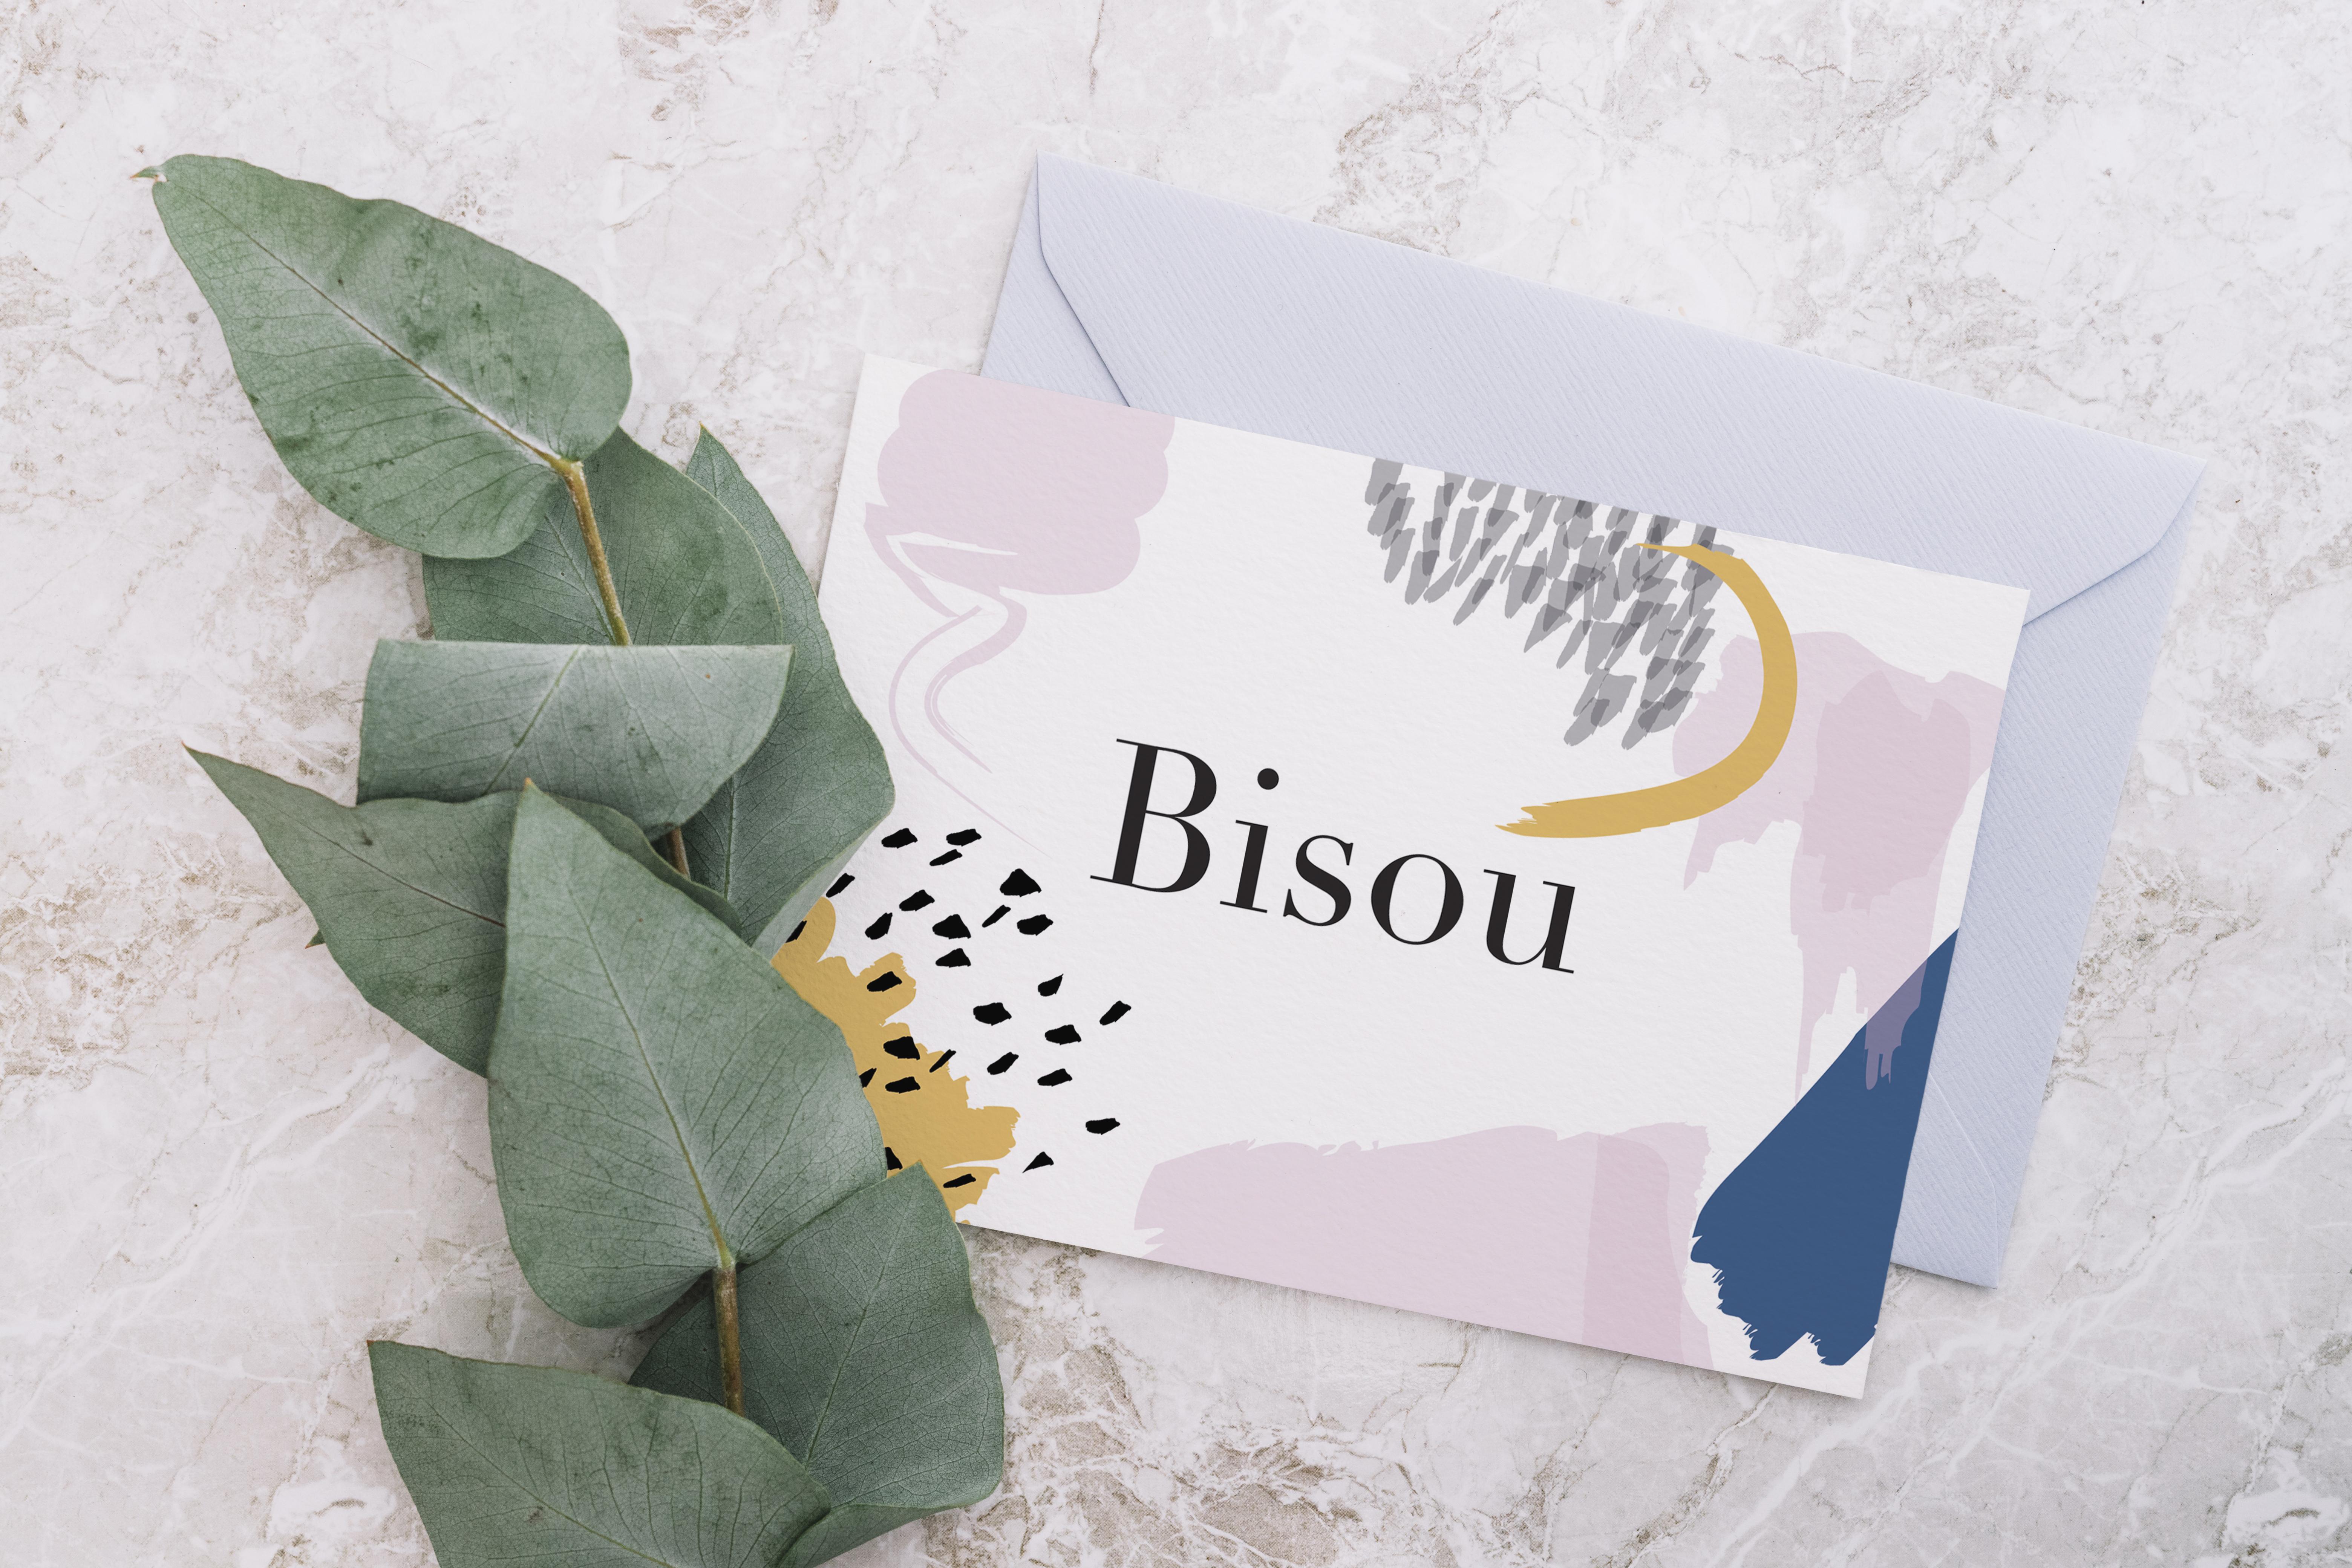 carte postale Bisou avec enveloppe et branche d'eucalyptus